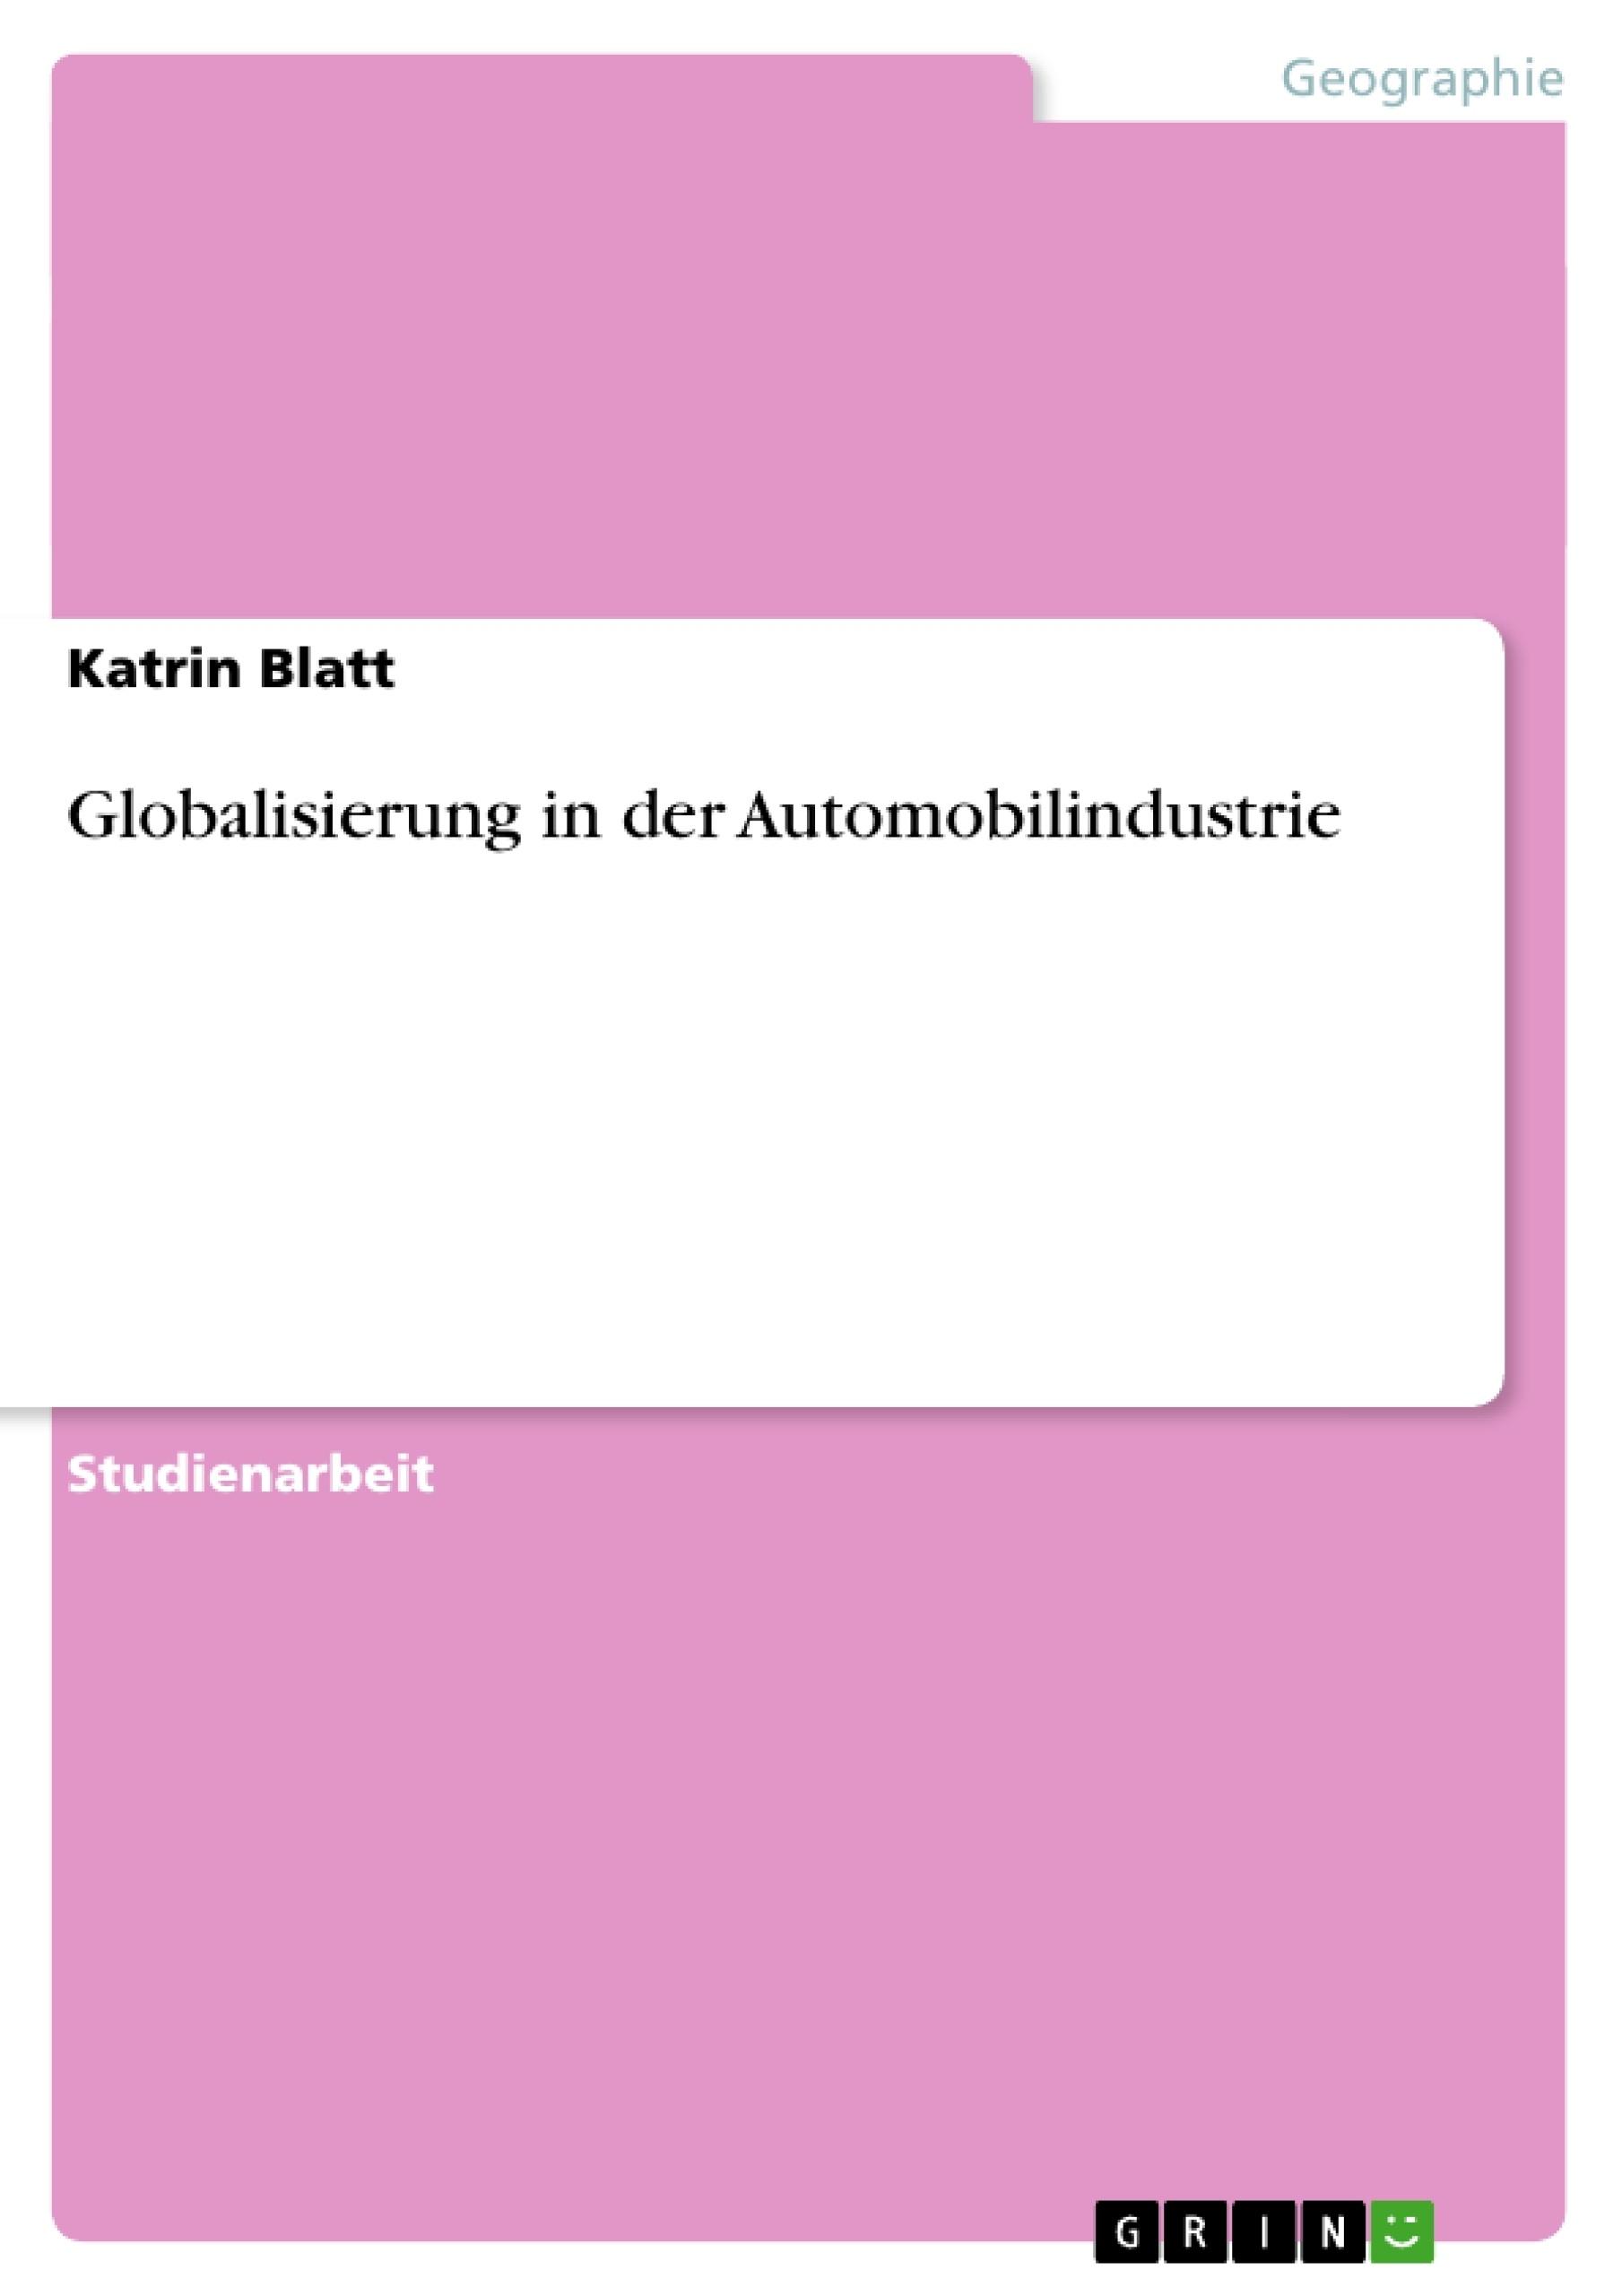 Titel: Globalisierung in der Automobilindustrie